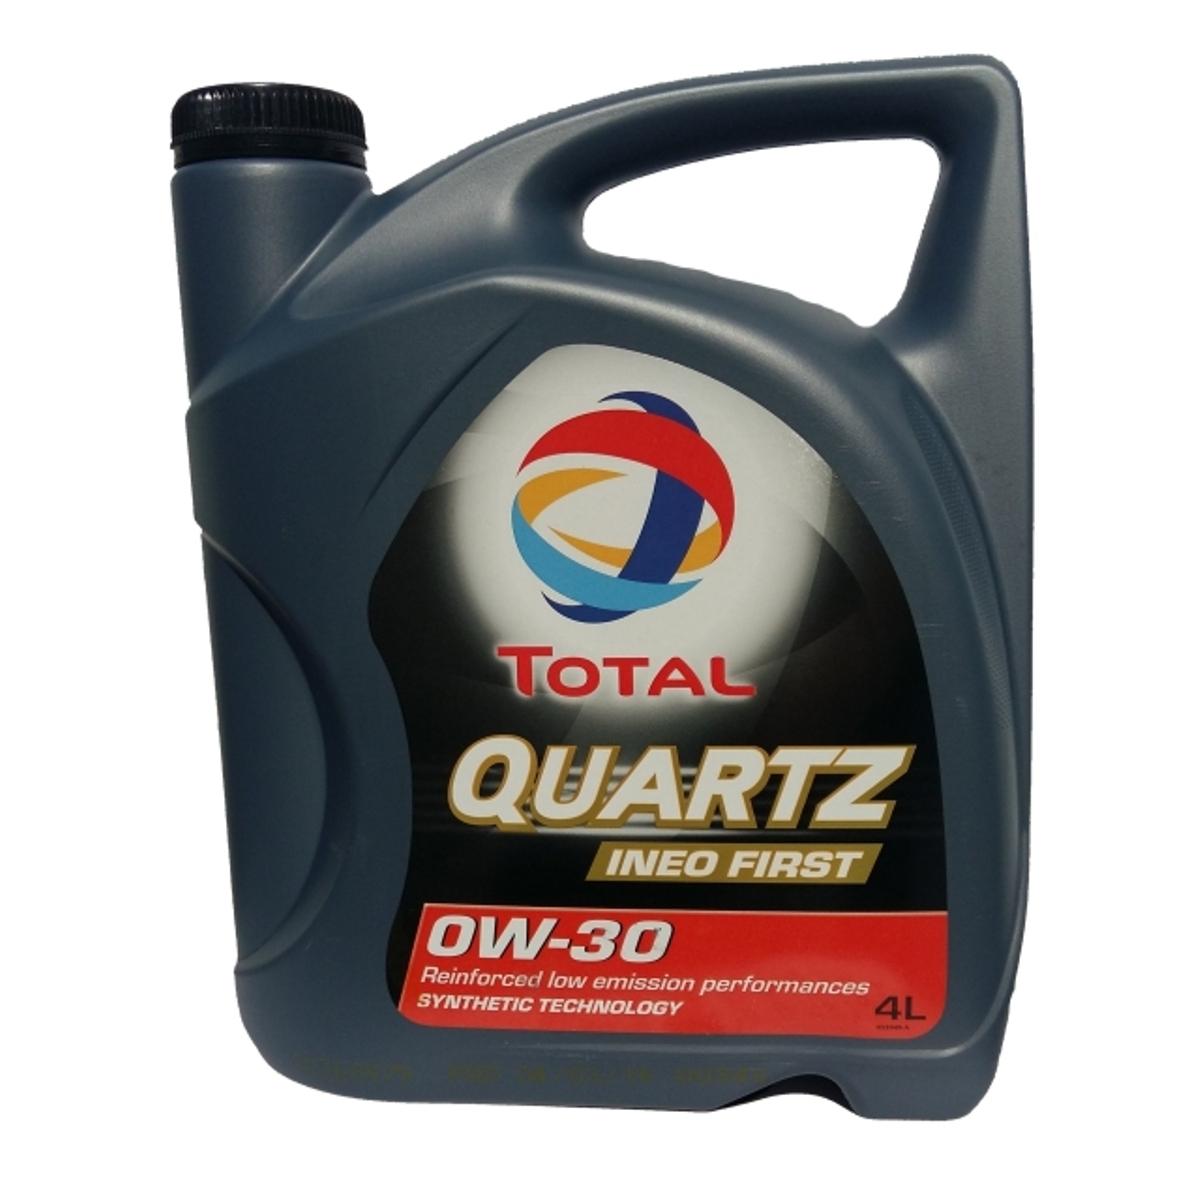 Моторное масло Total Quartz Ineo First 0W30, 4 л total quartz ineo ecs 5w 30 4 л